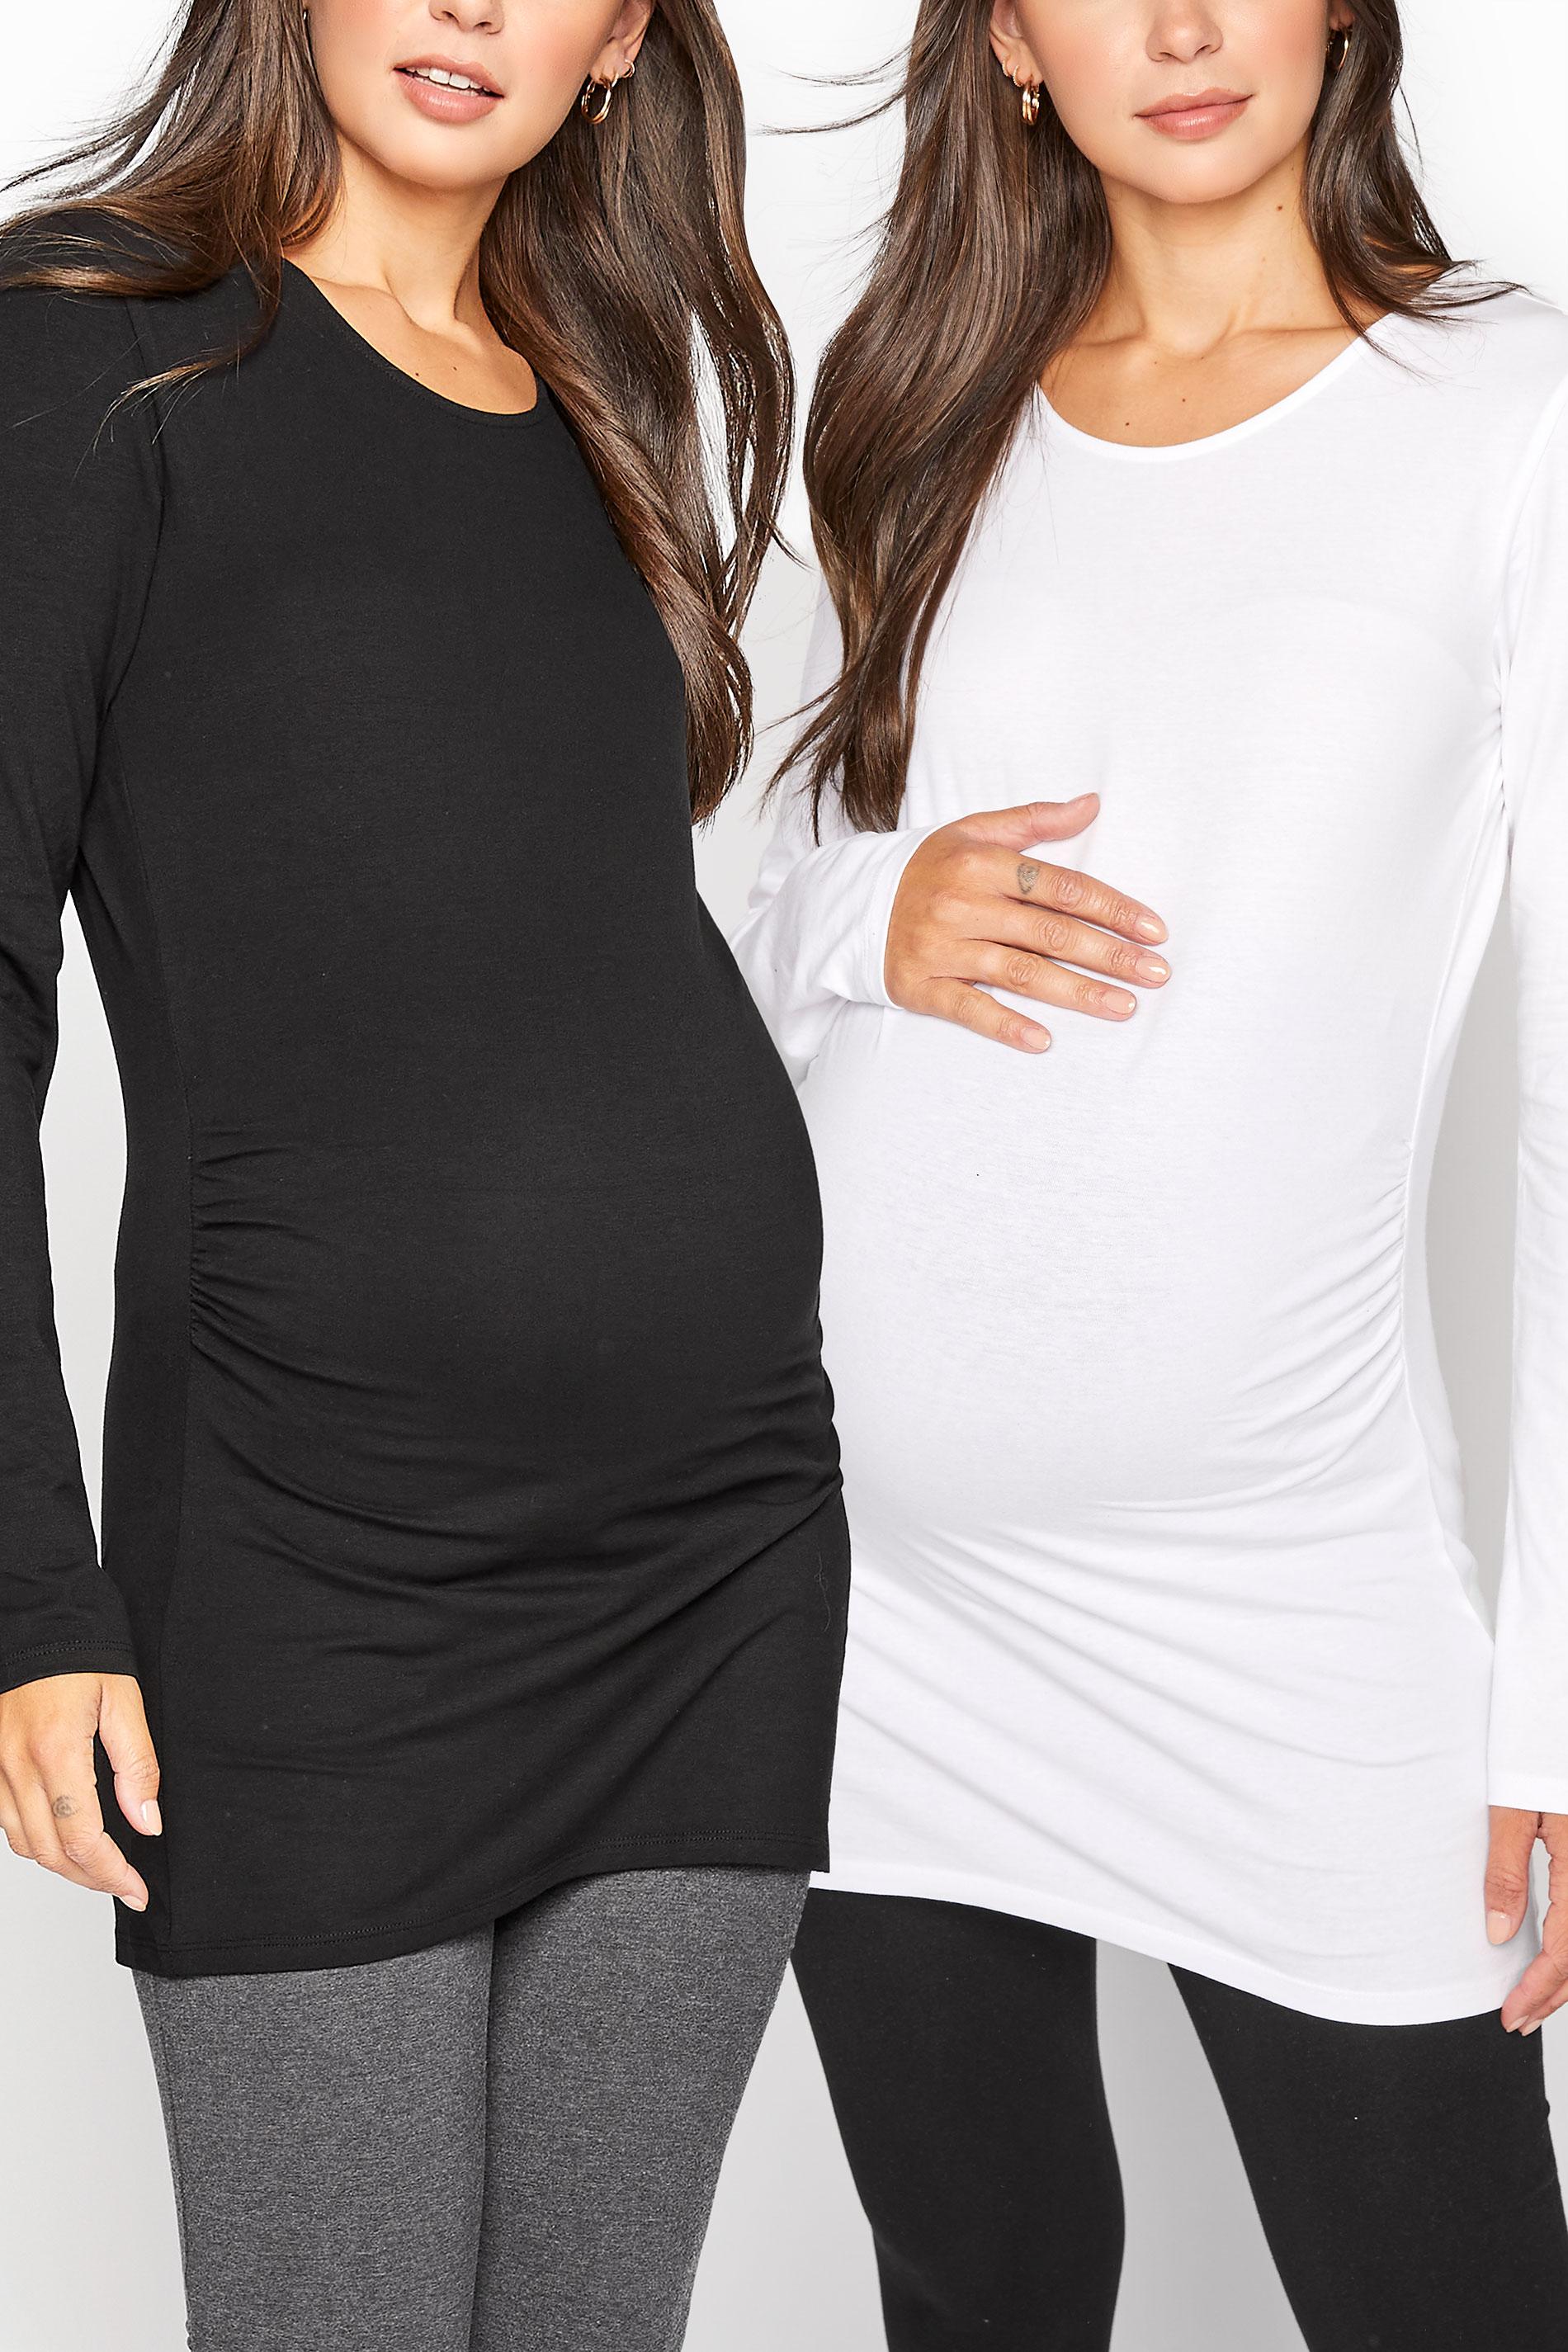 LTS 2 PACK Maternity Black & White Long Sleeve Top_split.jpg